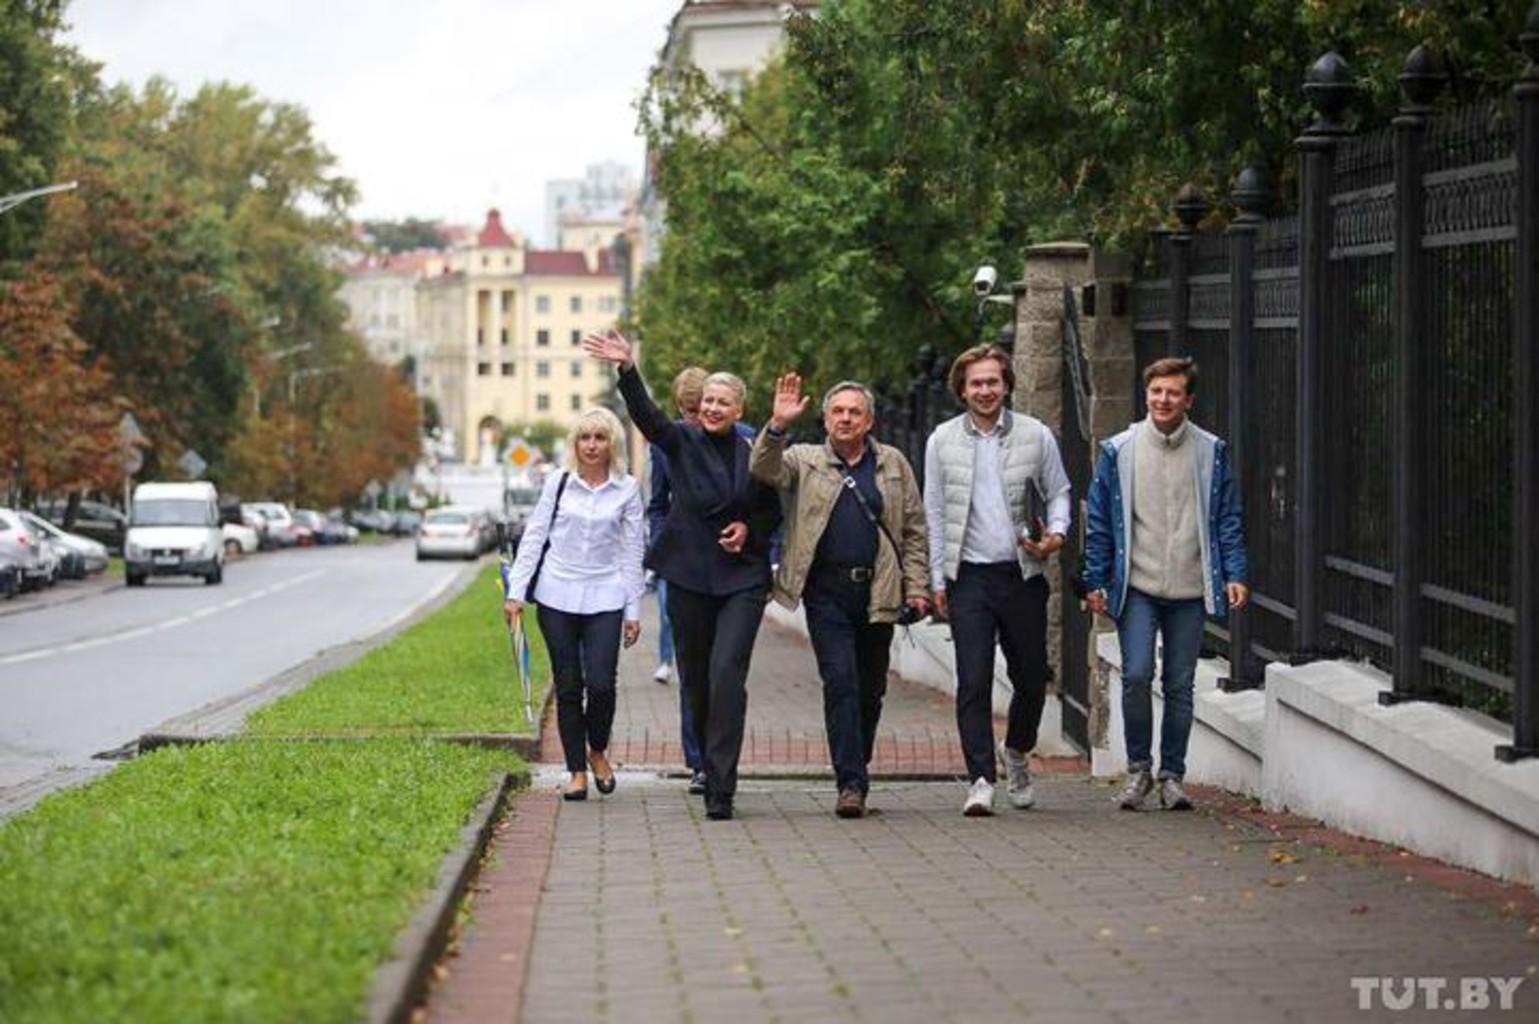 Kolesnikova 20200827 bur 003 photo 2020 08 27 12 00 37